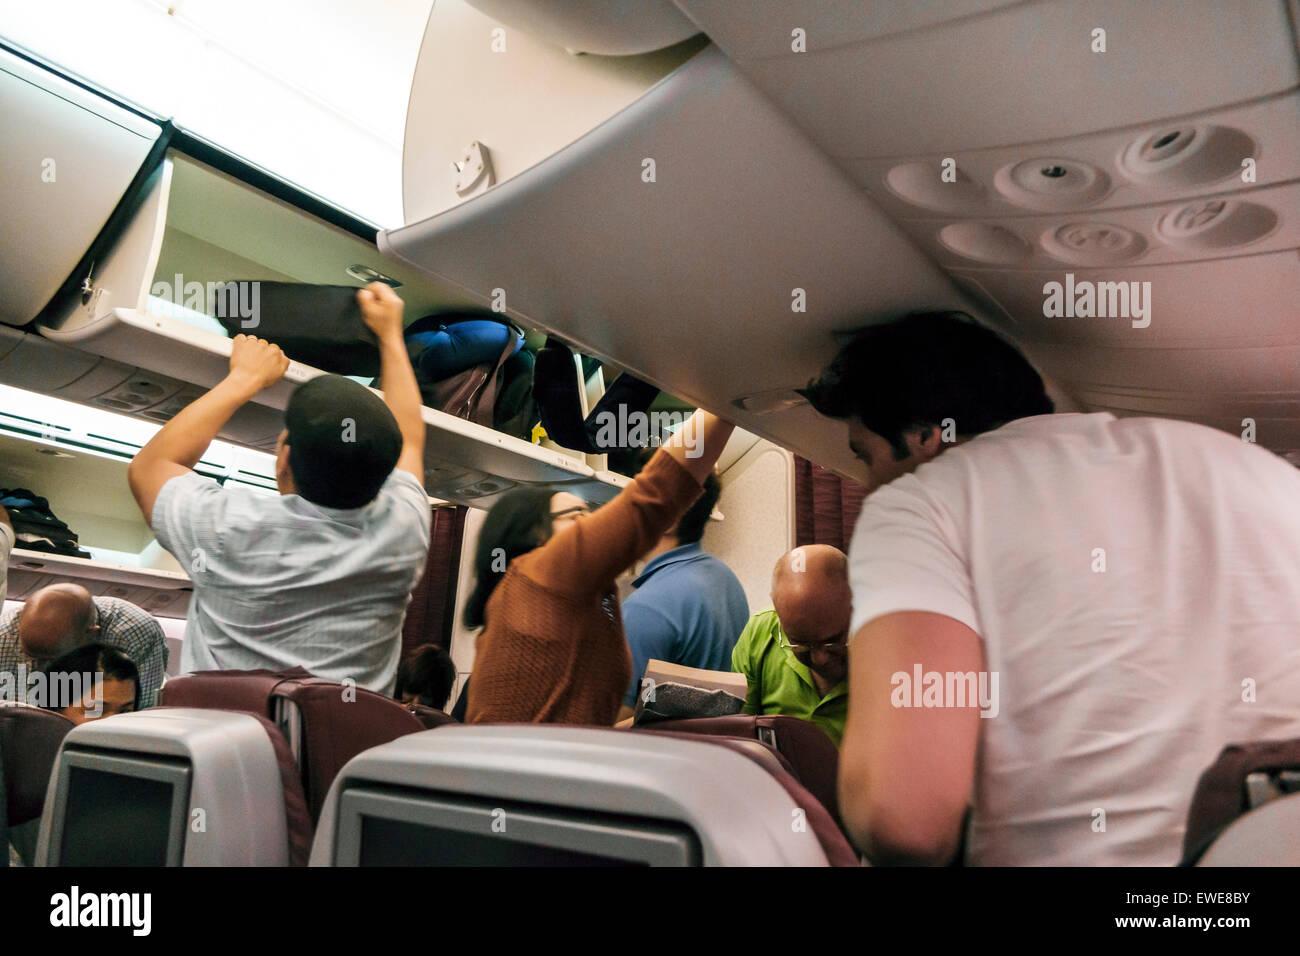 Qatar, Doha, Moyen-Orient, est, aéroport international de Hamad, DOH, Qatar Airways, vol d'arrivée, à bord, intérieur, cabine, descendre, débarquer Banque D'Images